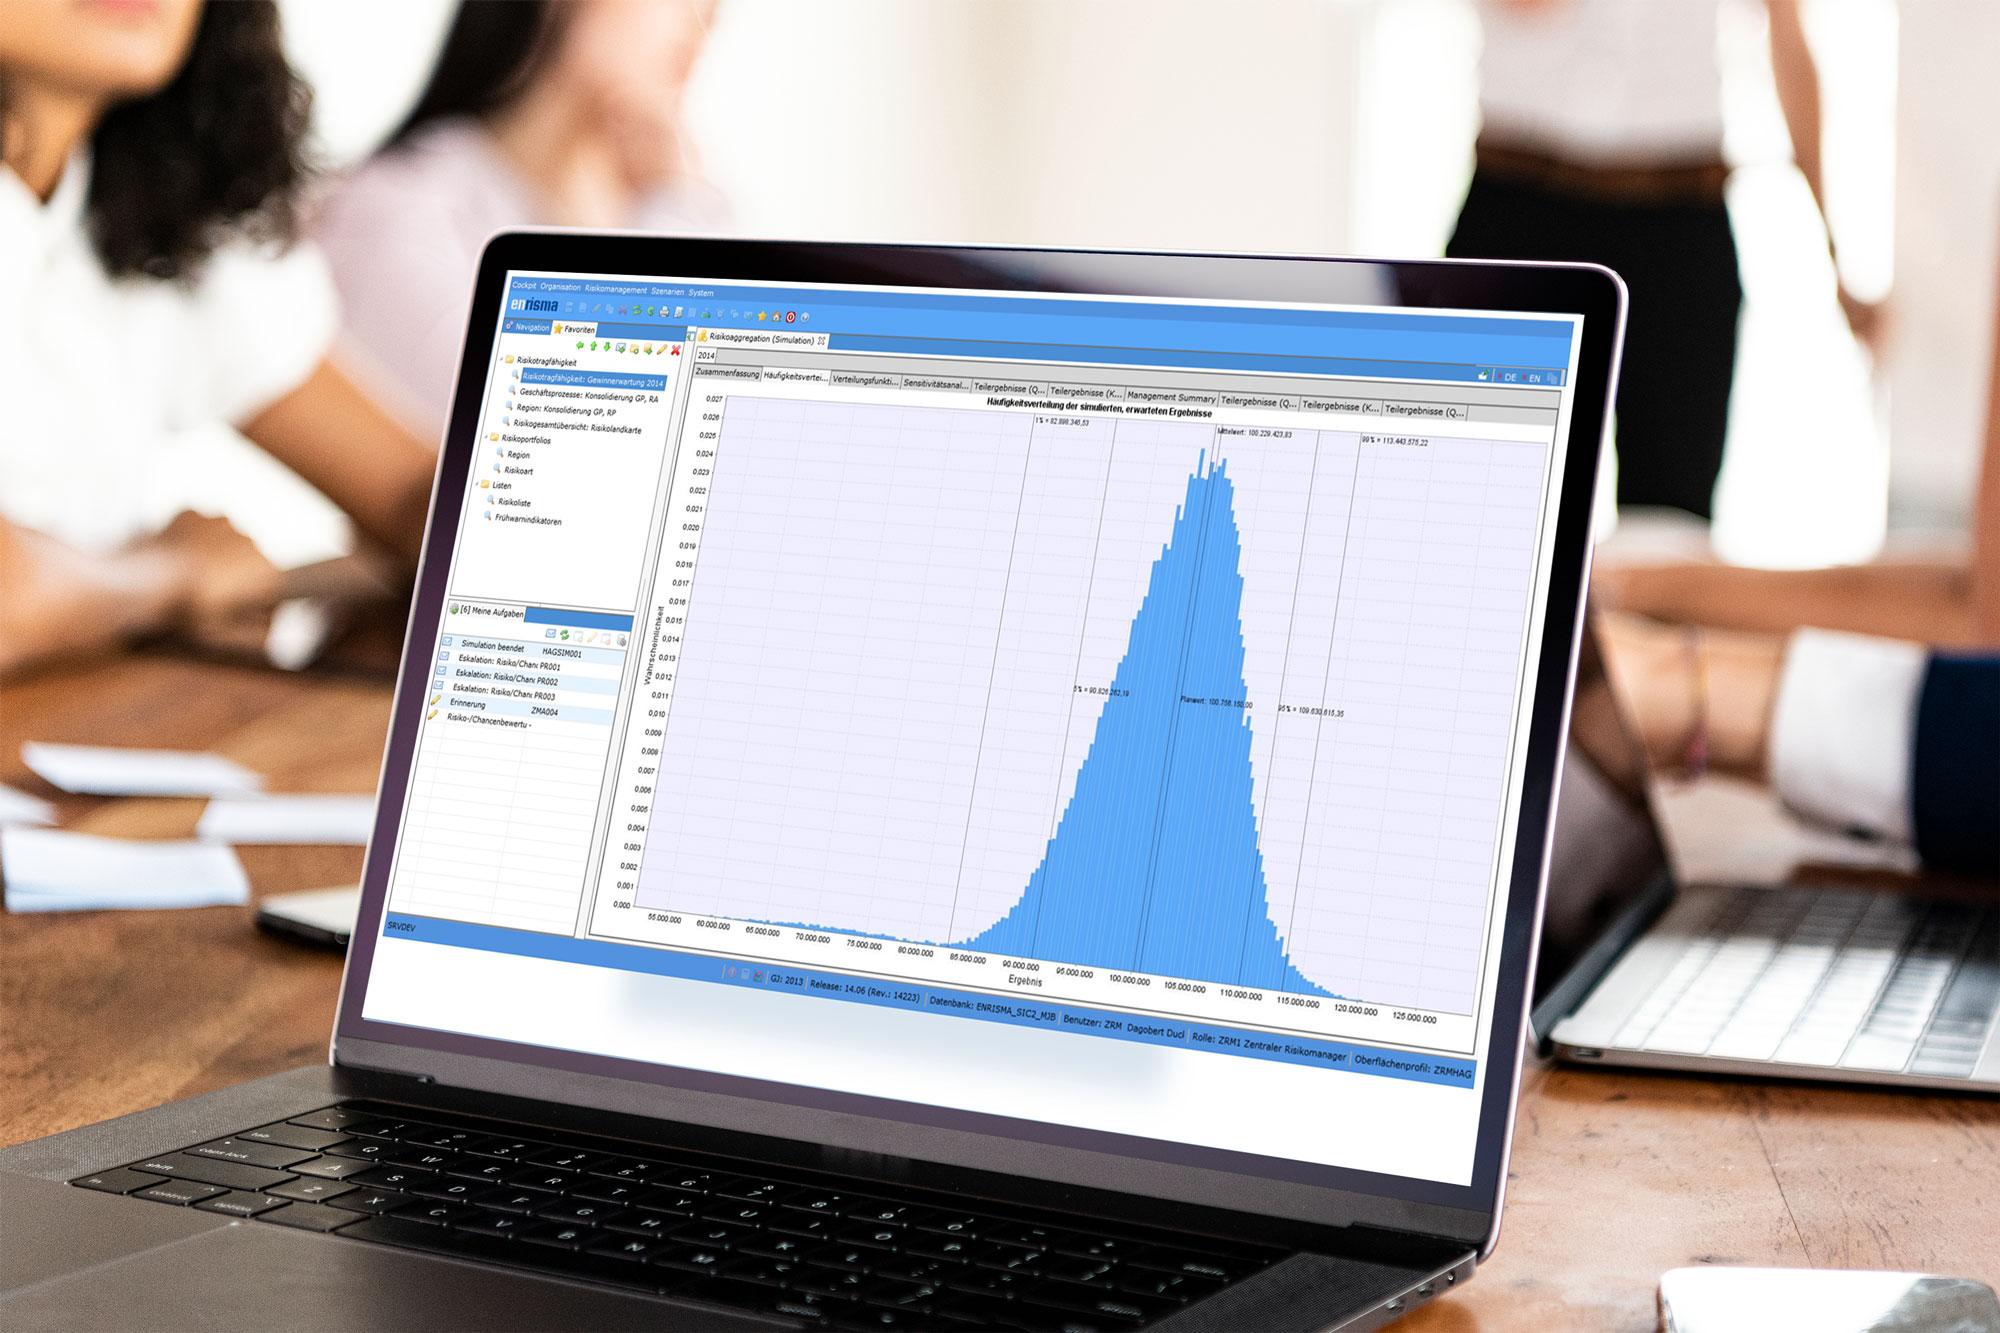 enrisma Risikomanagement Software - Häufigkeitsverteilung